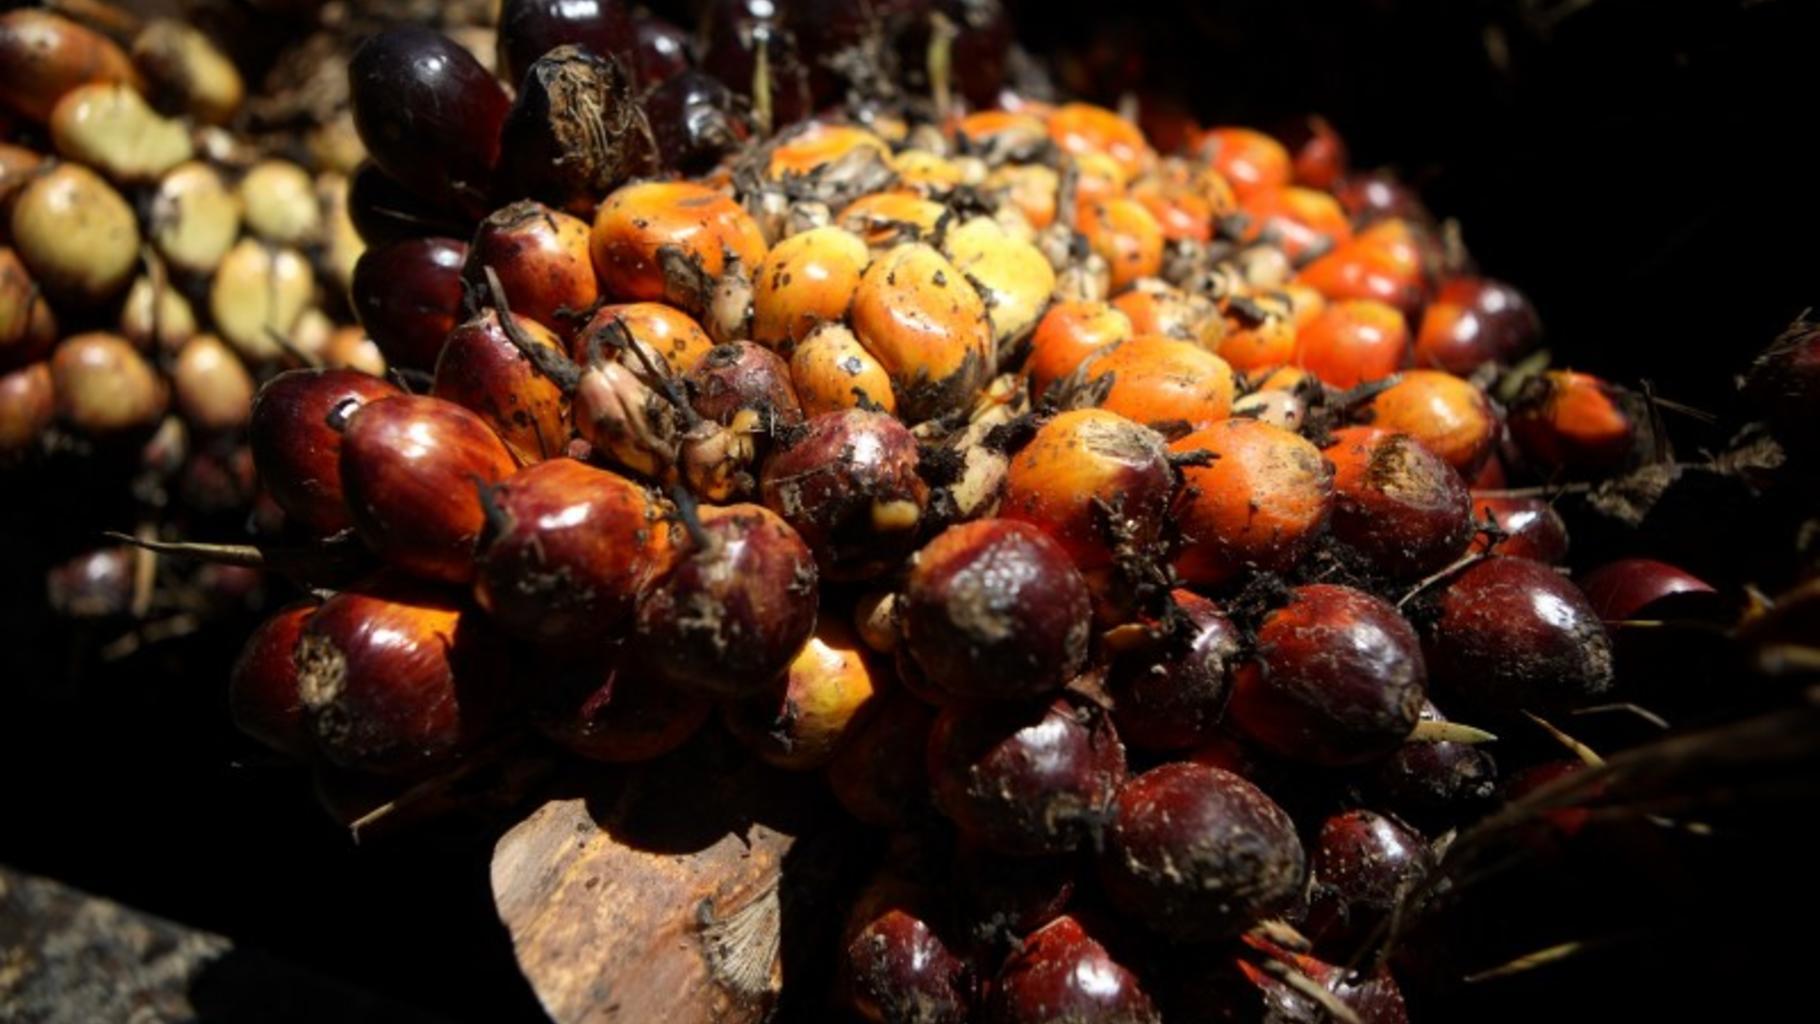 Palmenfrüchte sind das Rohmaterial für Palmenöl. © Tom Greenwood/Oxfam GB